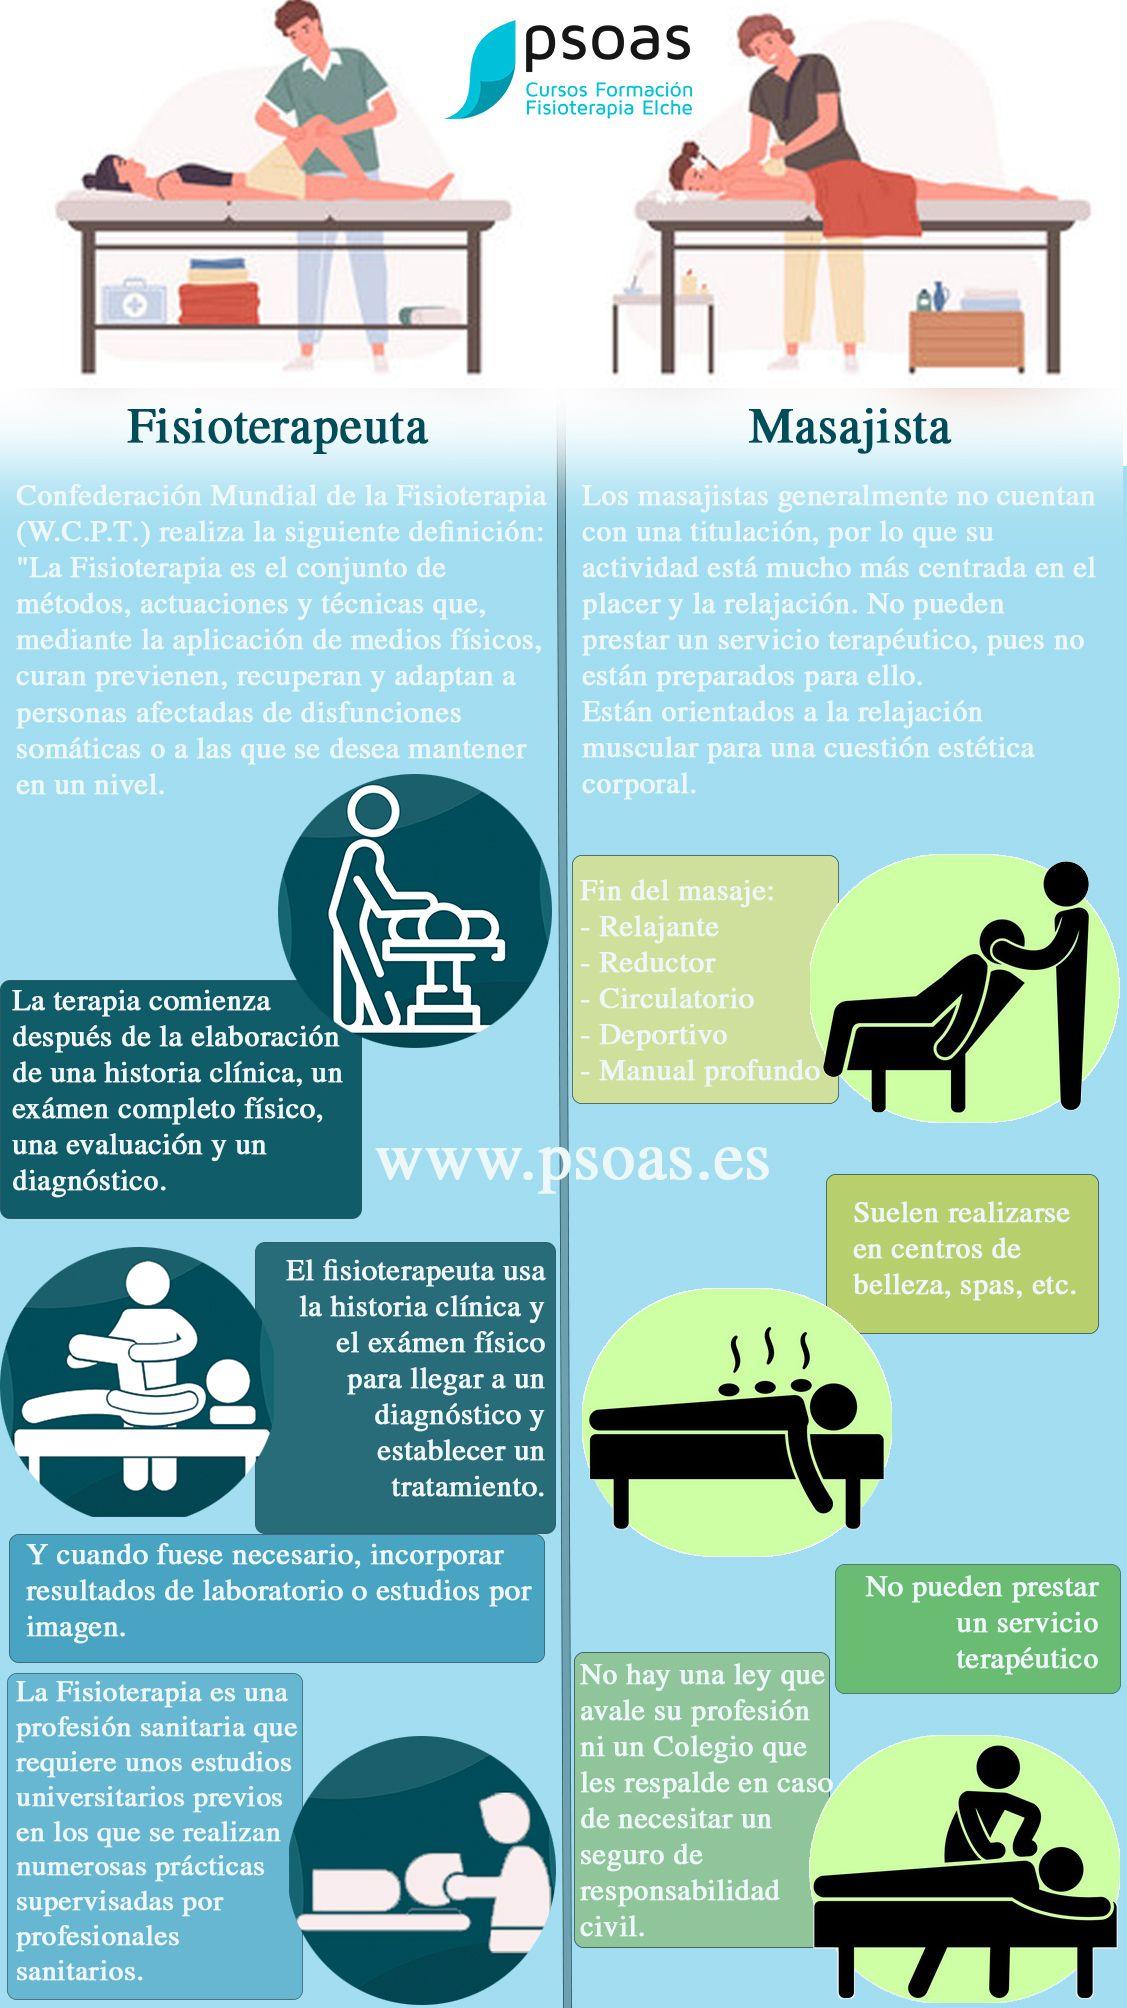 Fisioterapeuta Vs Masajista Curso De Fisioterapia Fisioterapia Fisioterapia Y Rehabilitacion